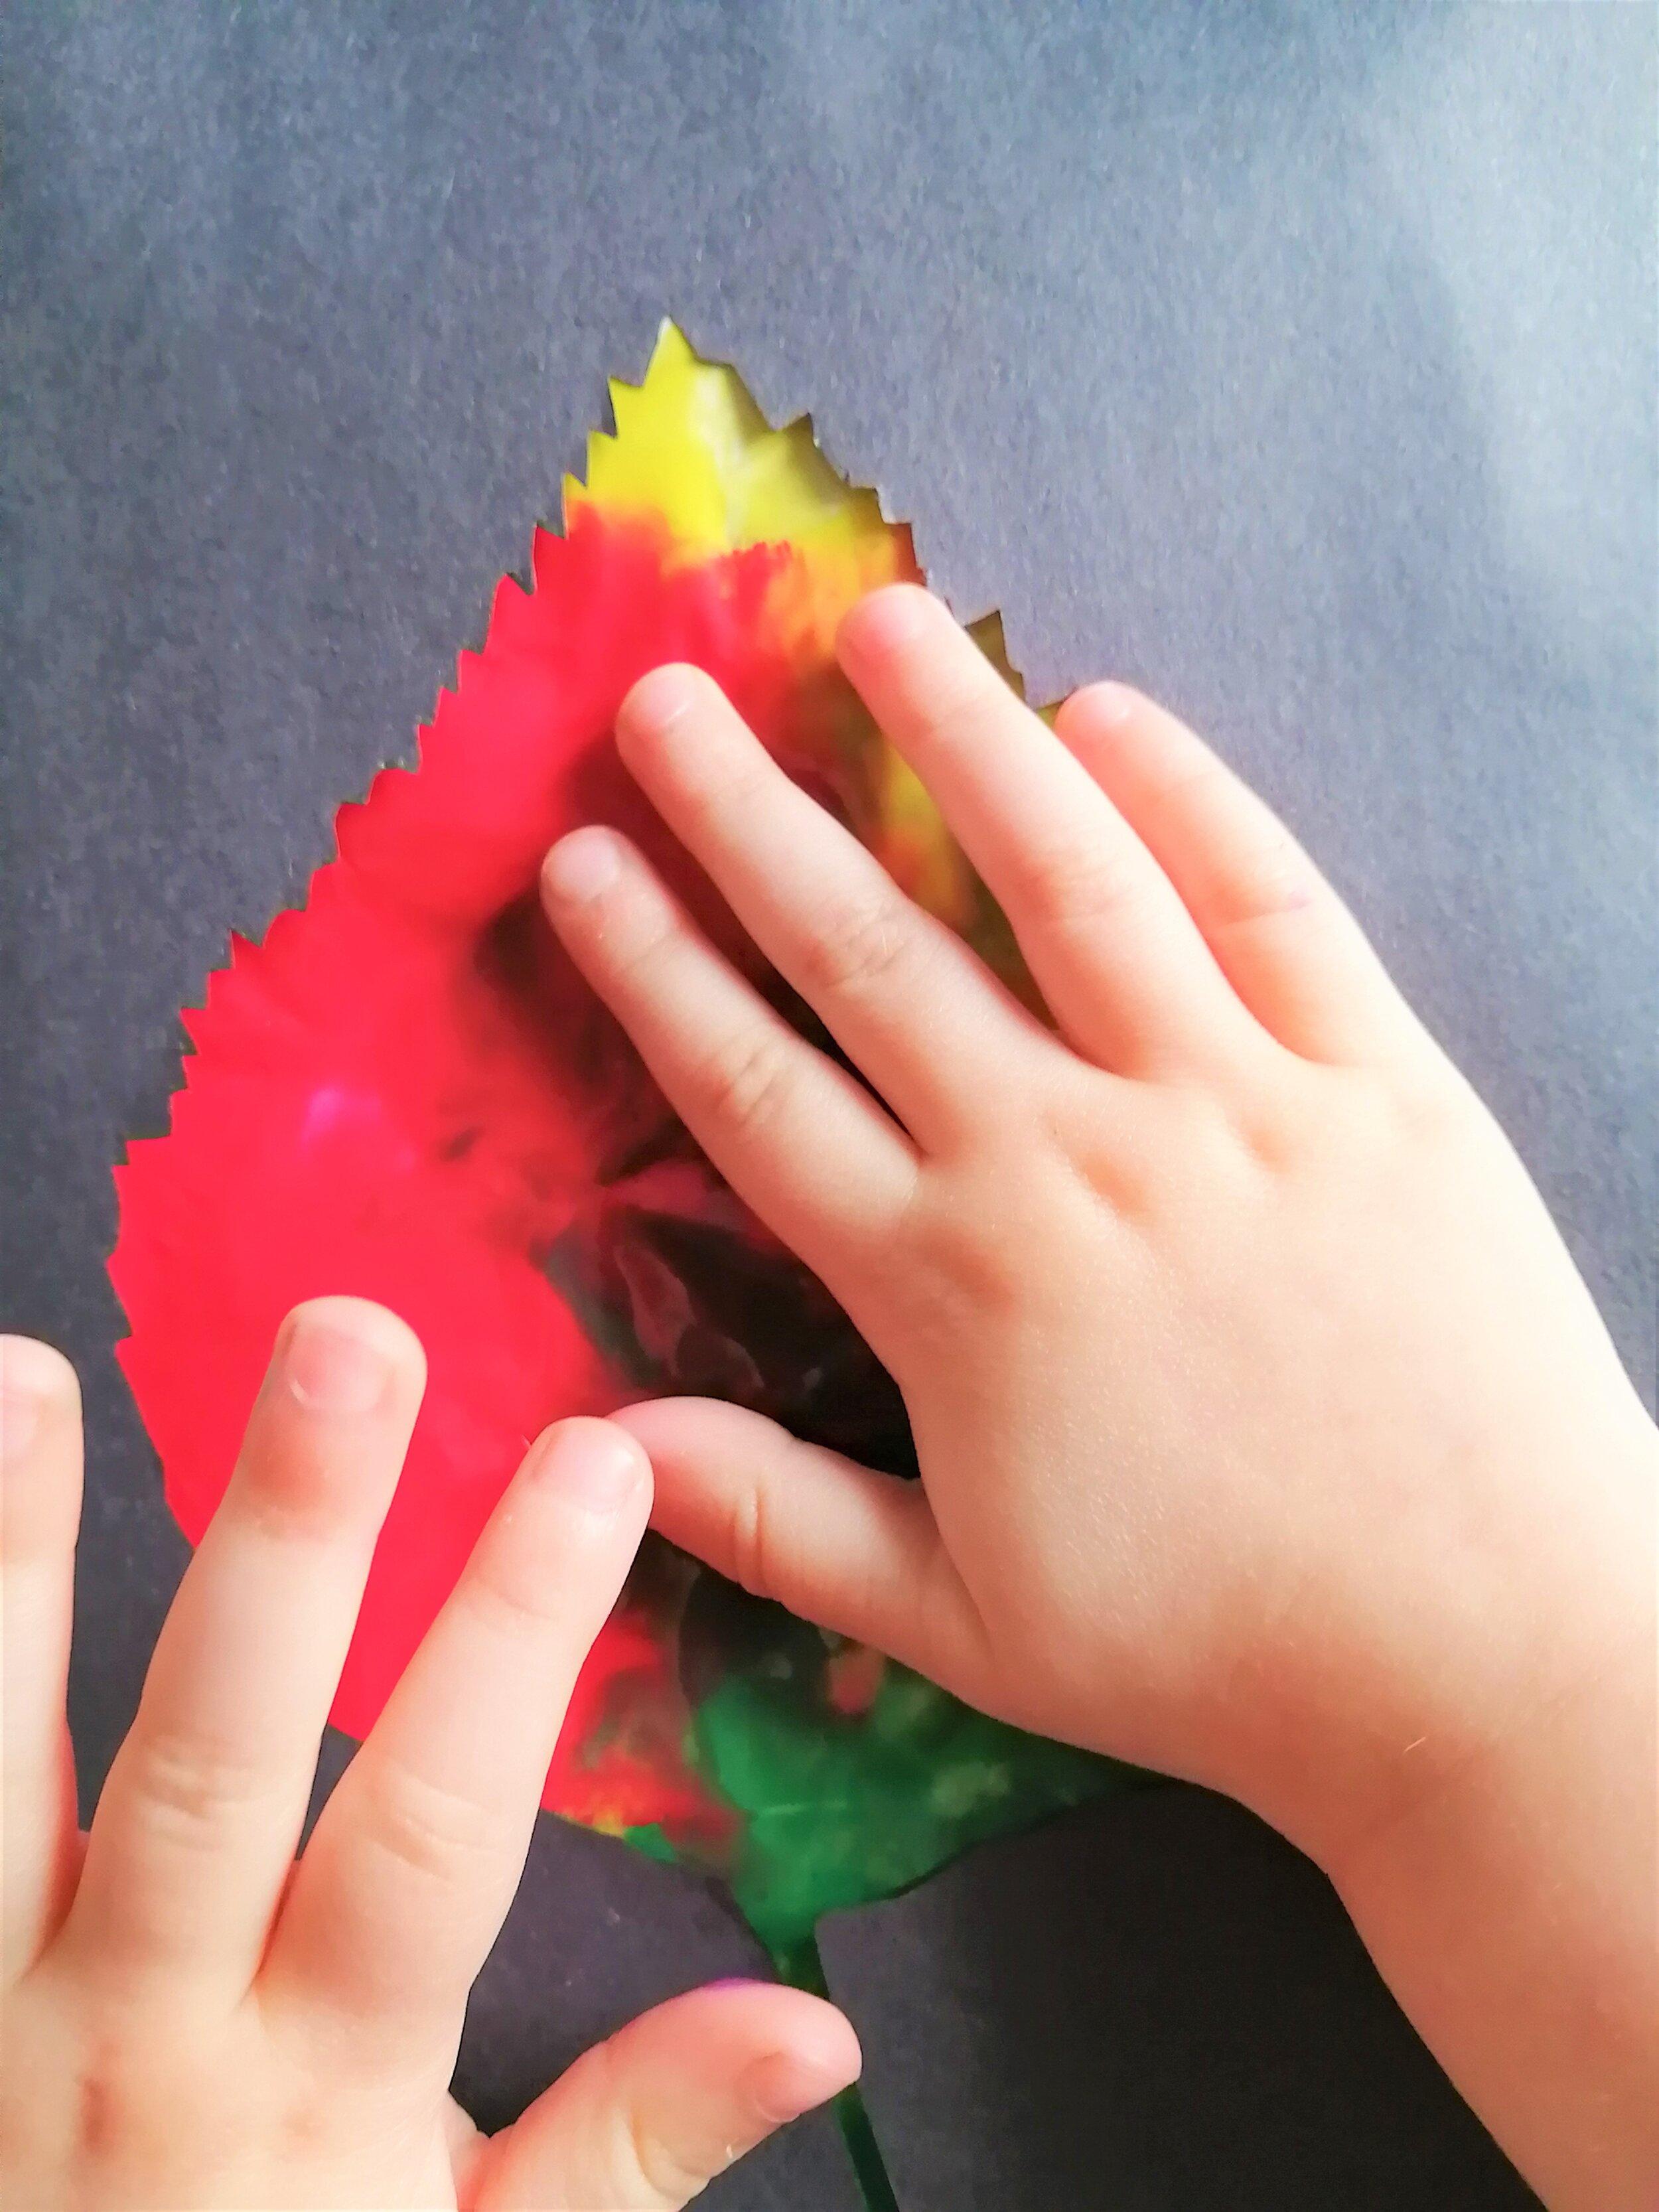 peinture-sans-dégat-mini-artiste-automne-feuille